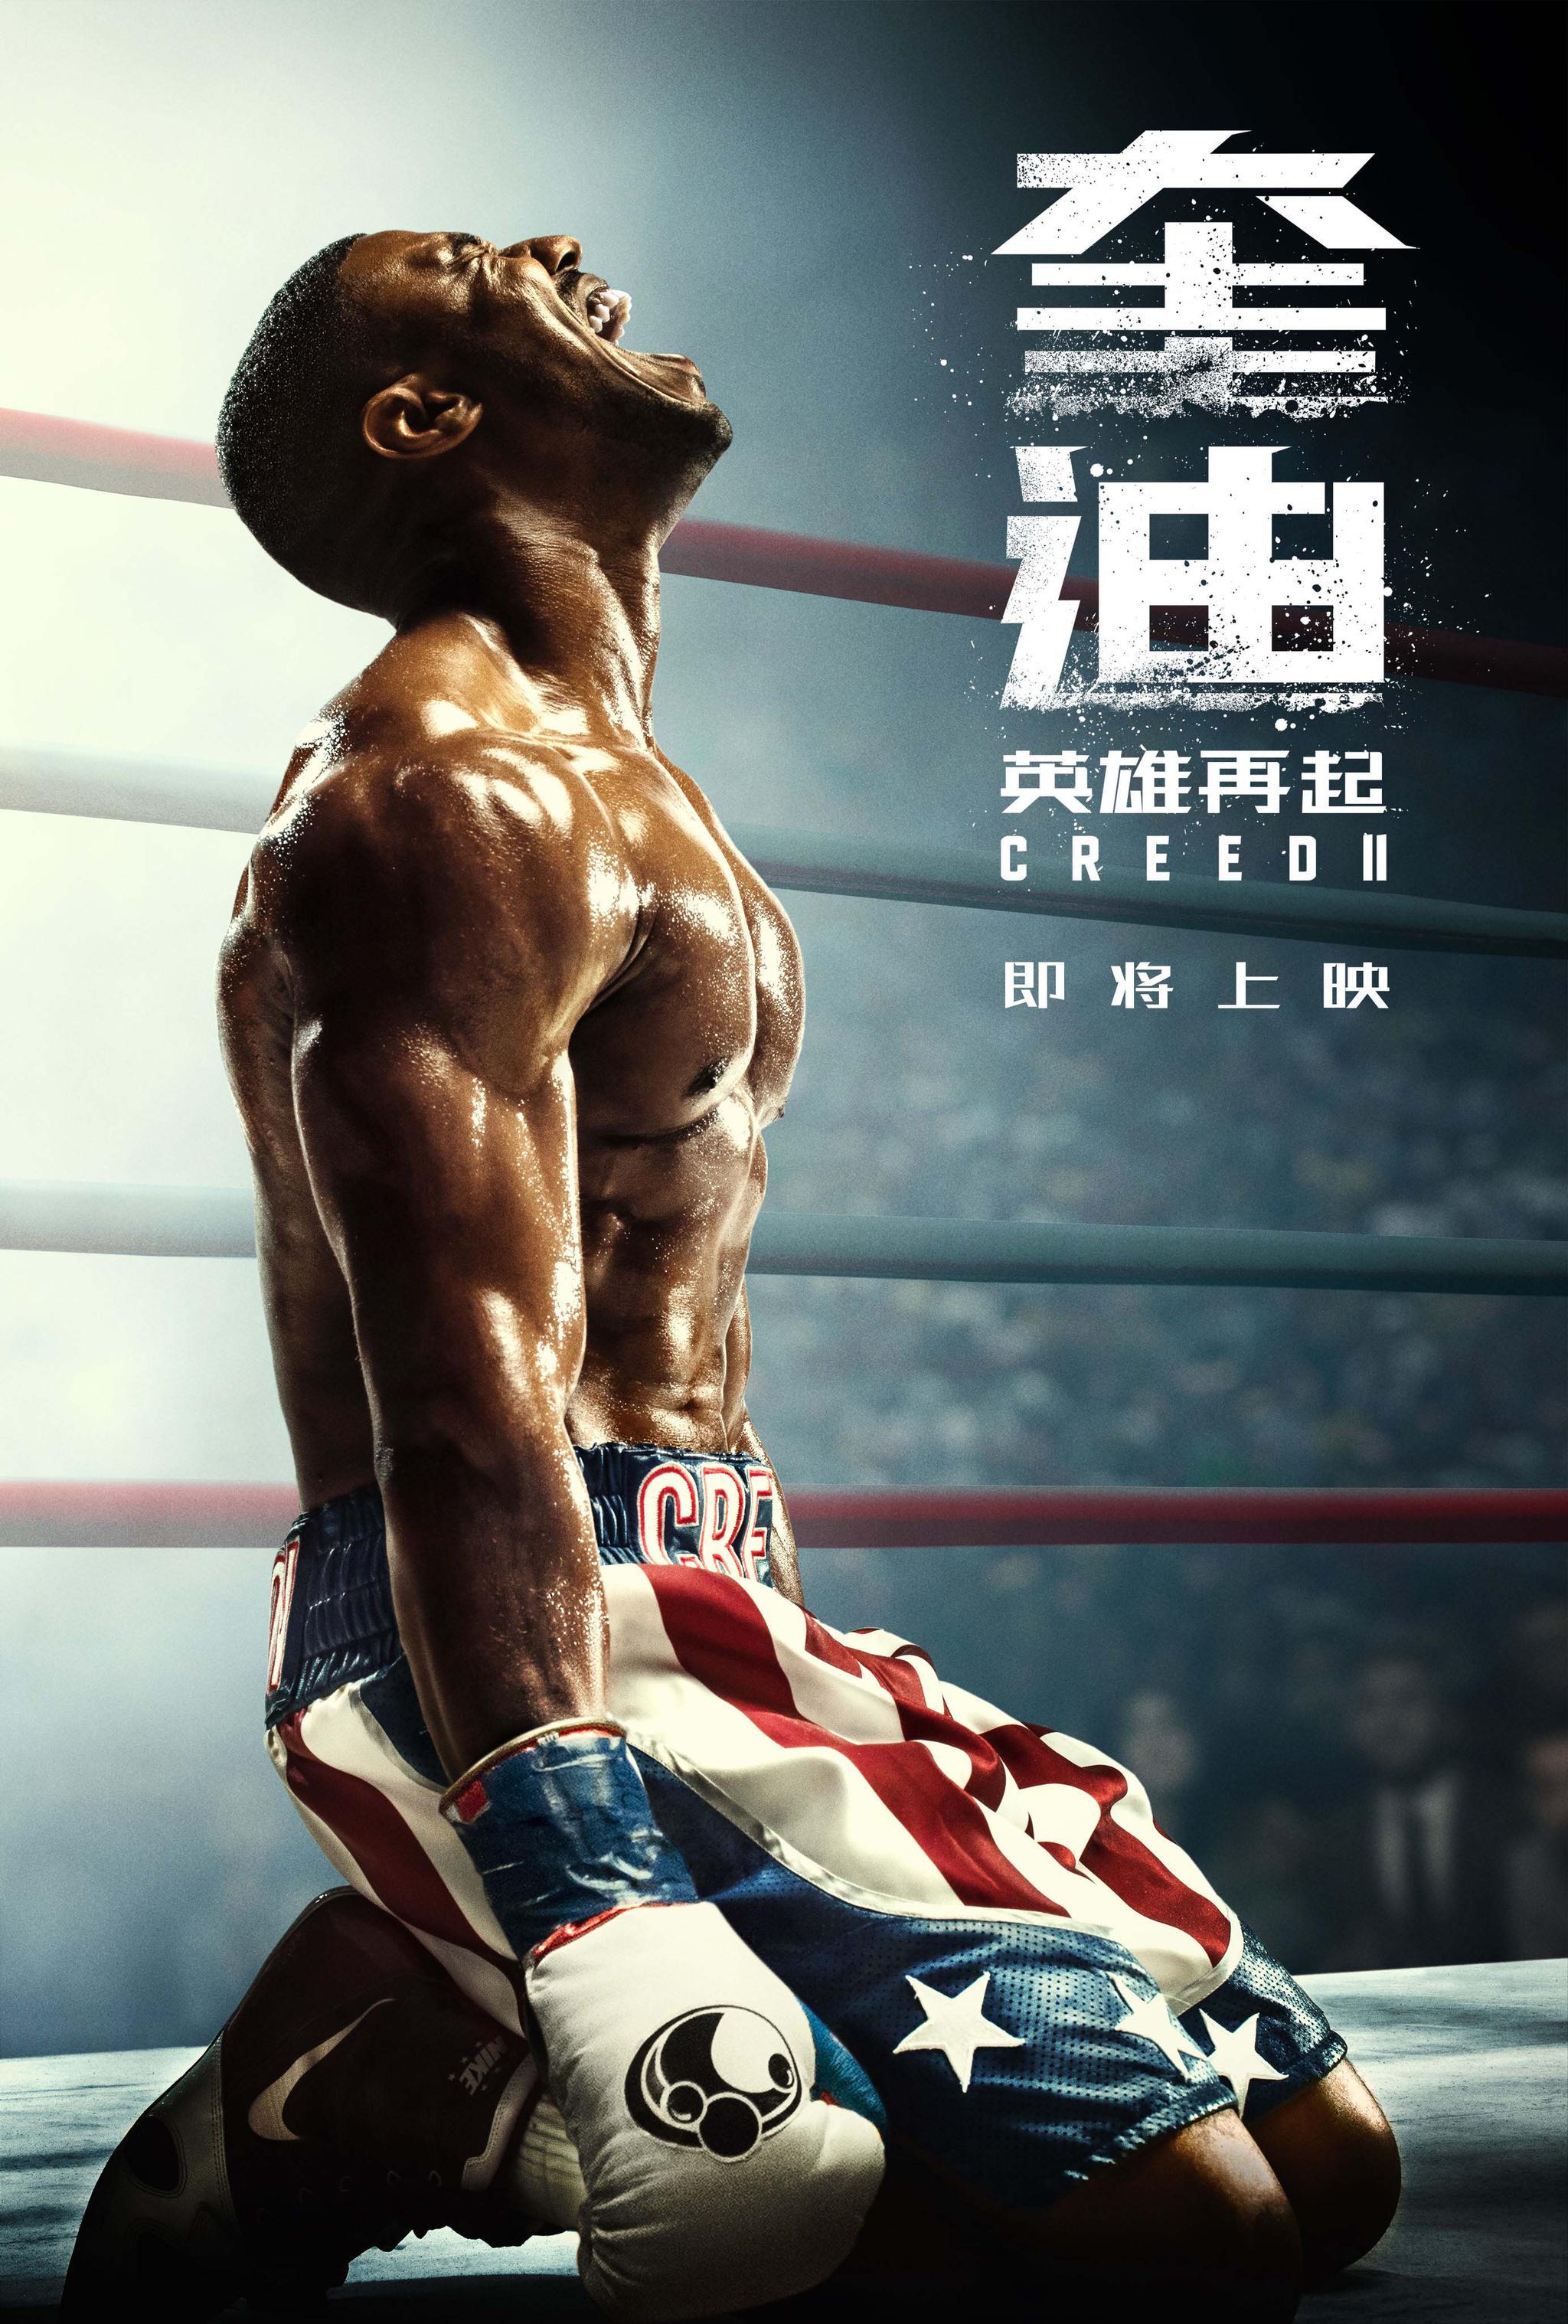 北美年度必看影片《奎迪:英雄再起》有望引进 史泰龙重磅回归